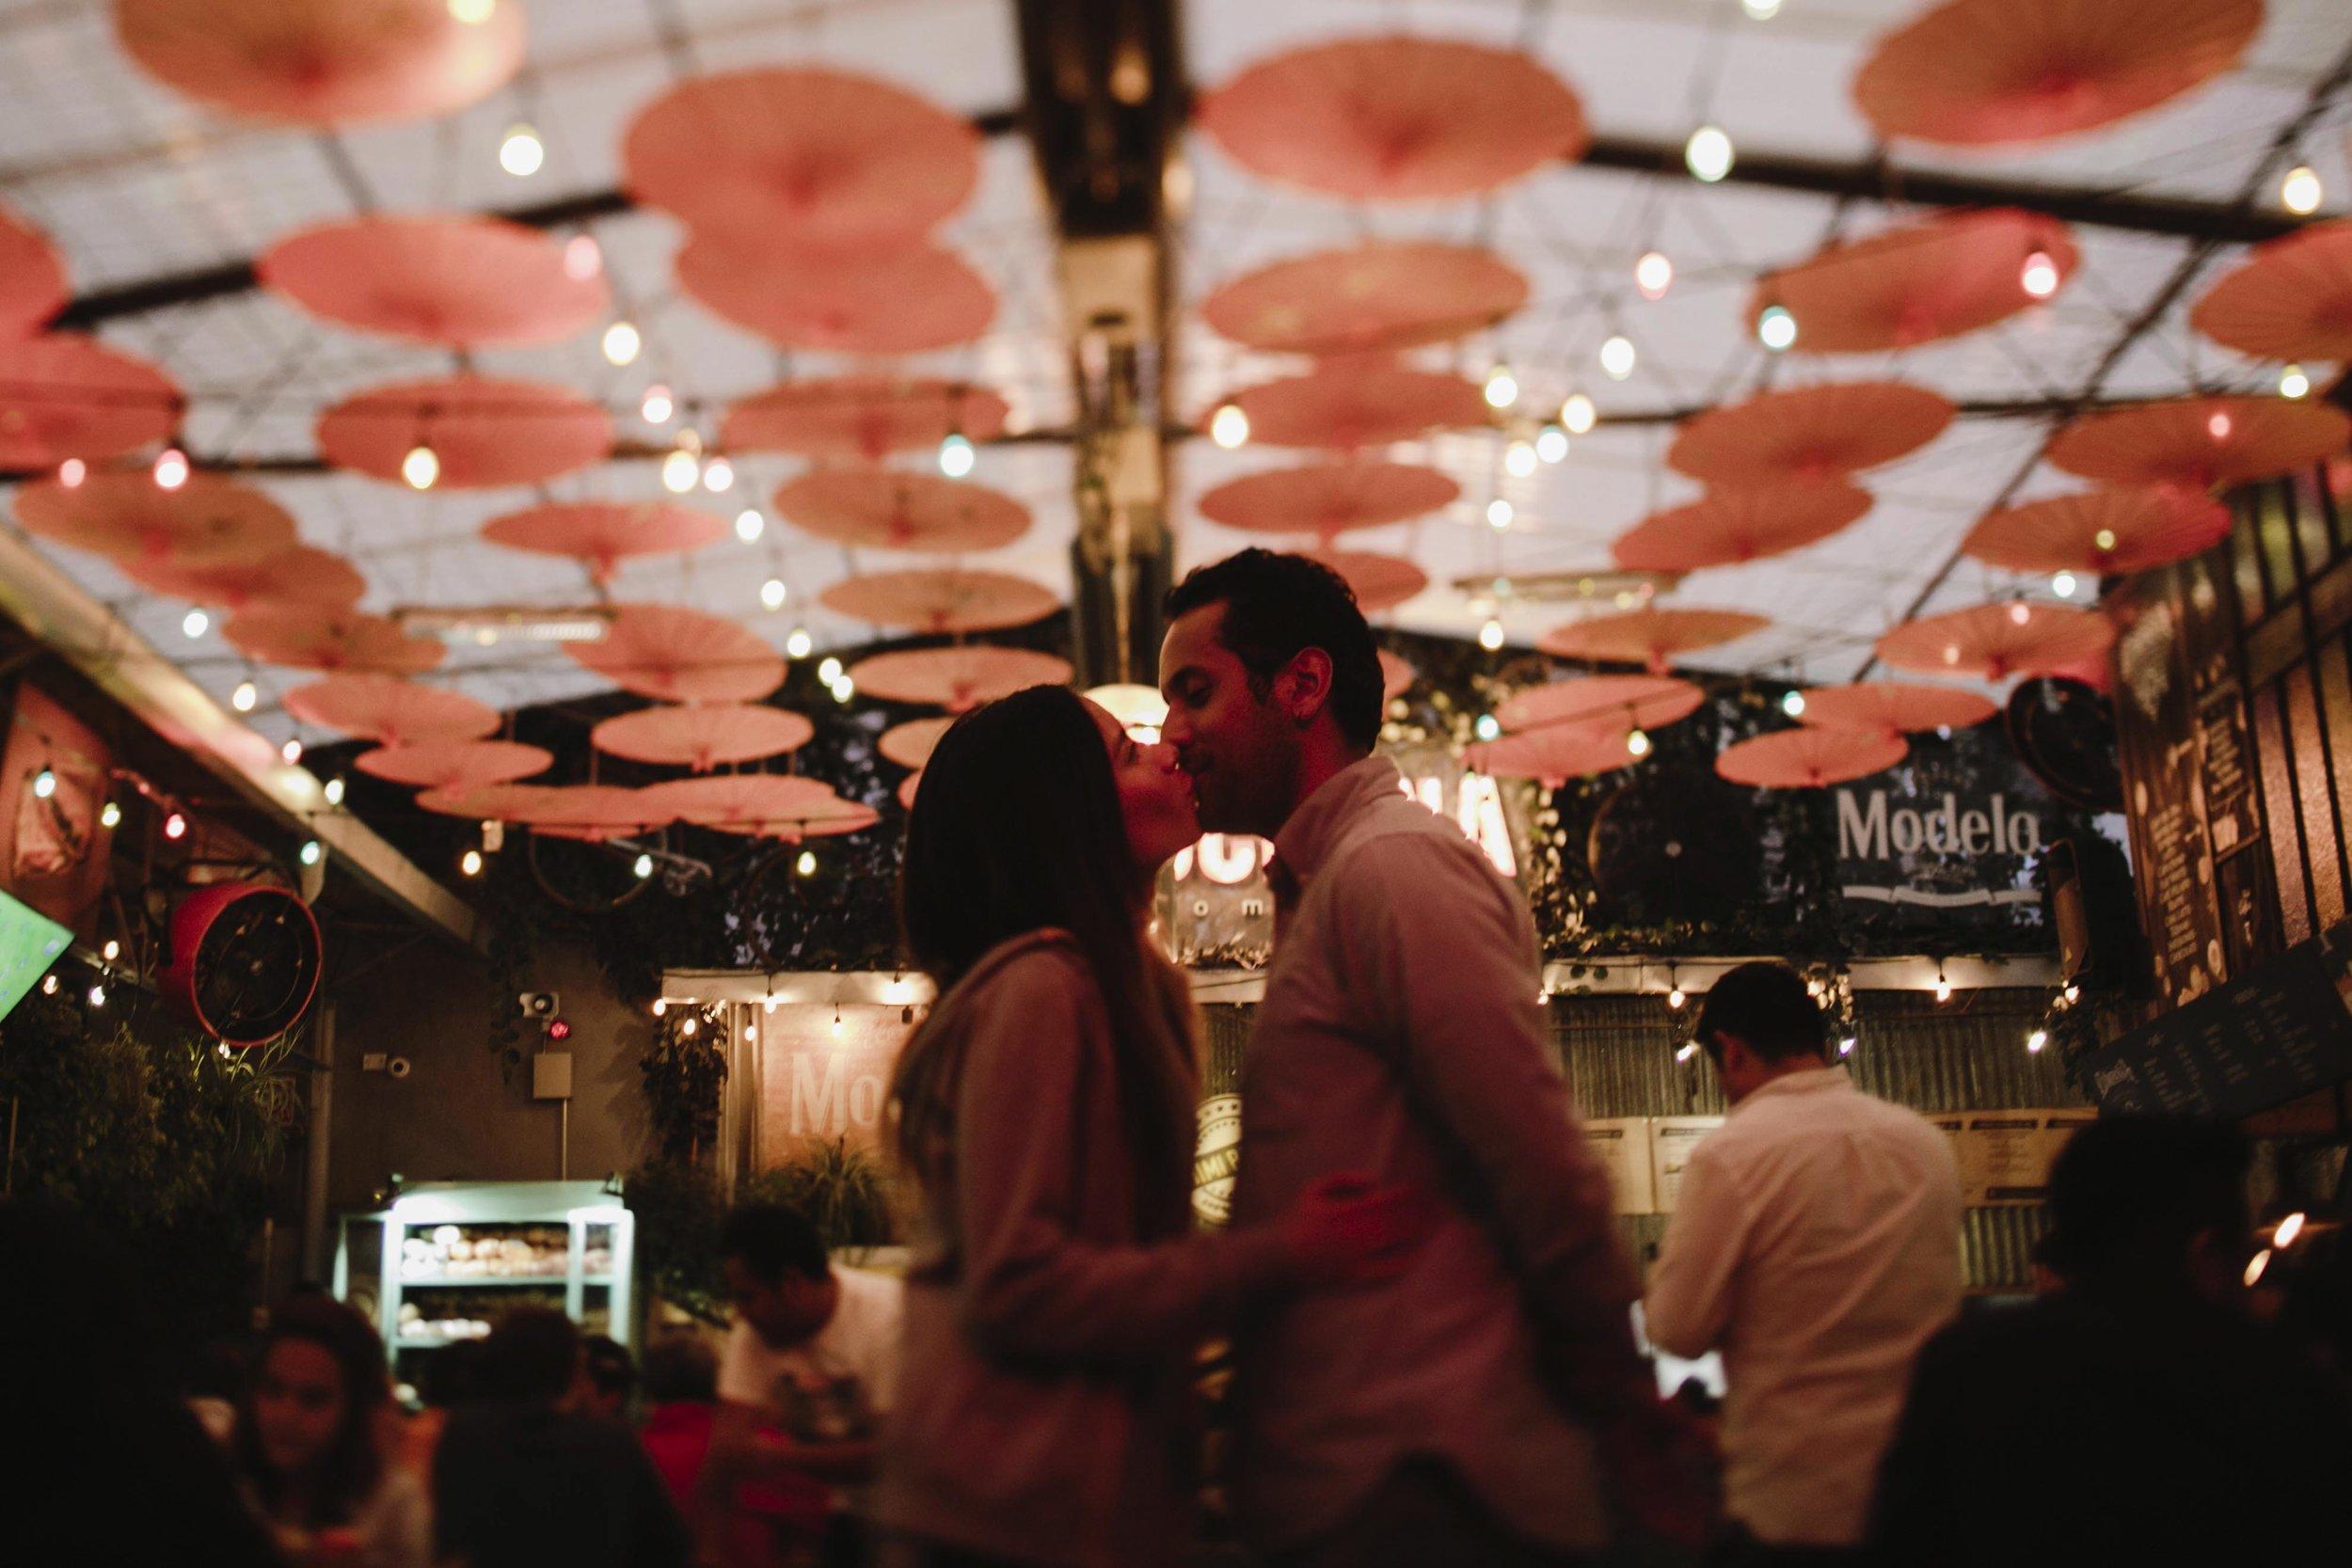 alfonso_flores_destination_wedding_photography_ciudad_de_mexico81.jpg